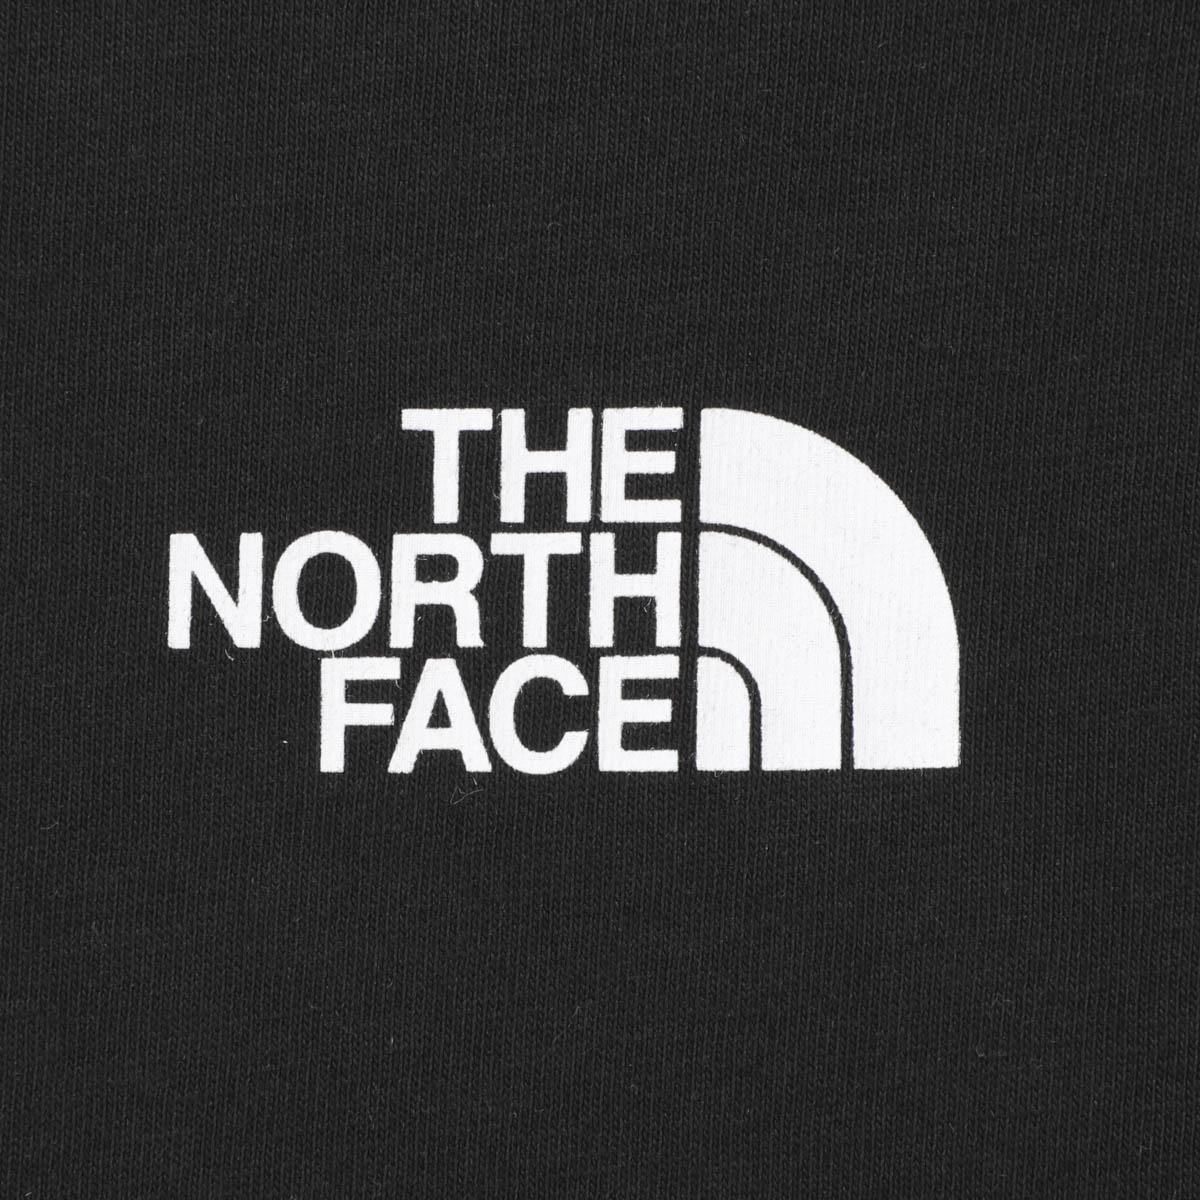 THE NORTH FACE ノースフェイス クルーネック 長袖Tシャツ  メンズ